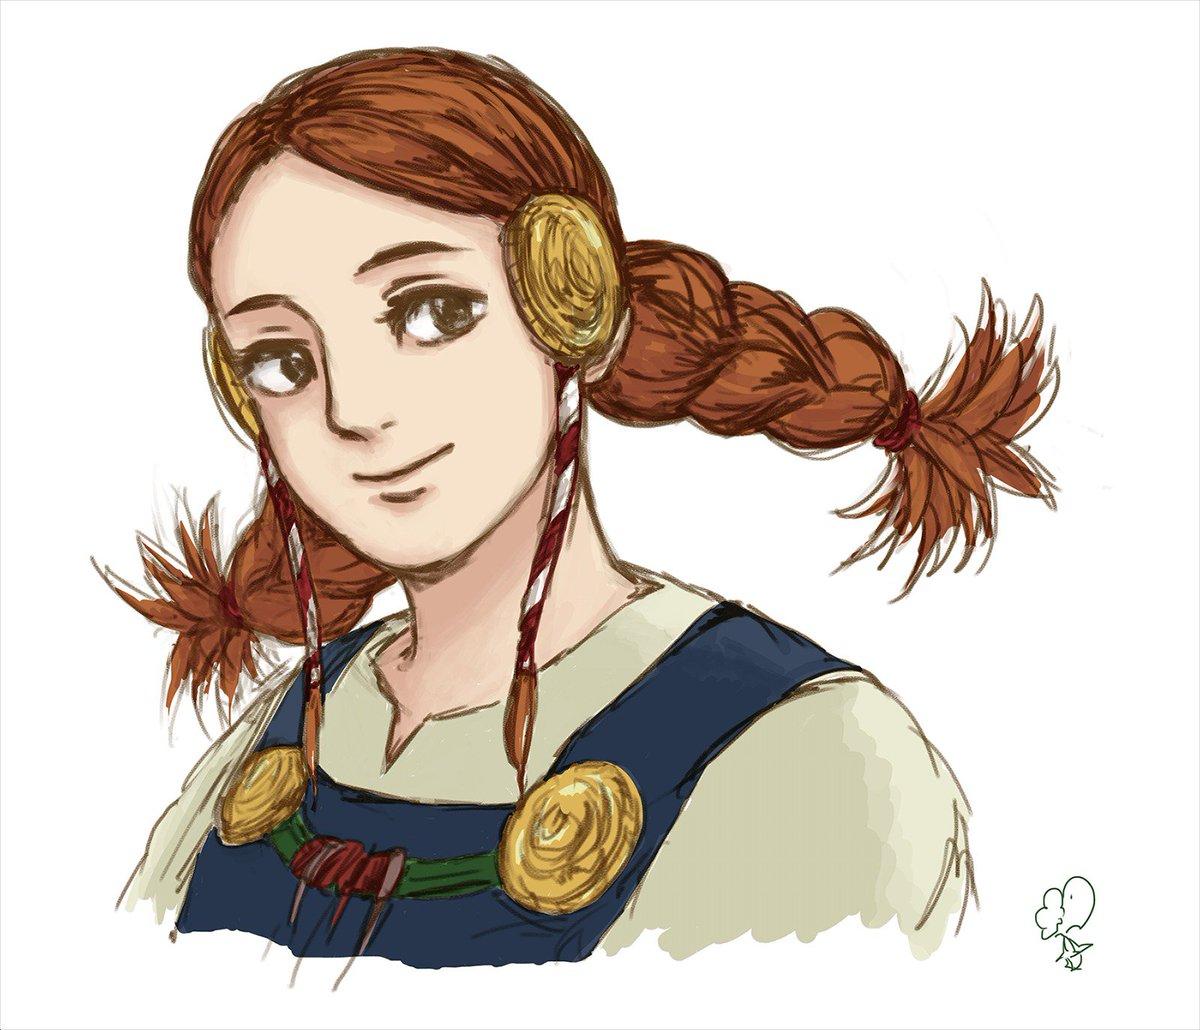 録画してた『山賊の娘ローニャ』見ました。とにかくロヴィスさんが可愛い。マッティスとロヴィスの出会いの話がめちゃくちゃ観た